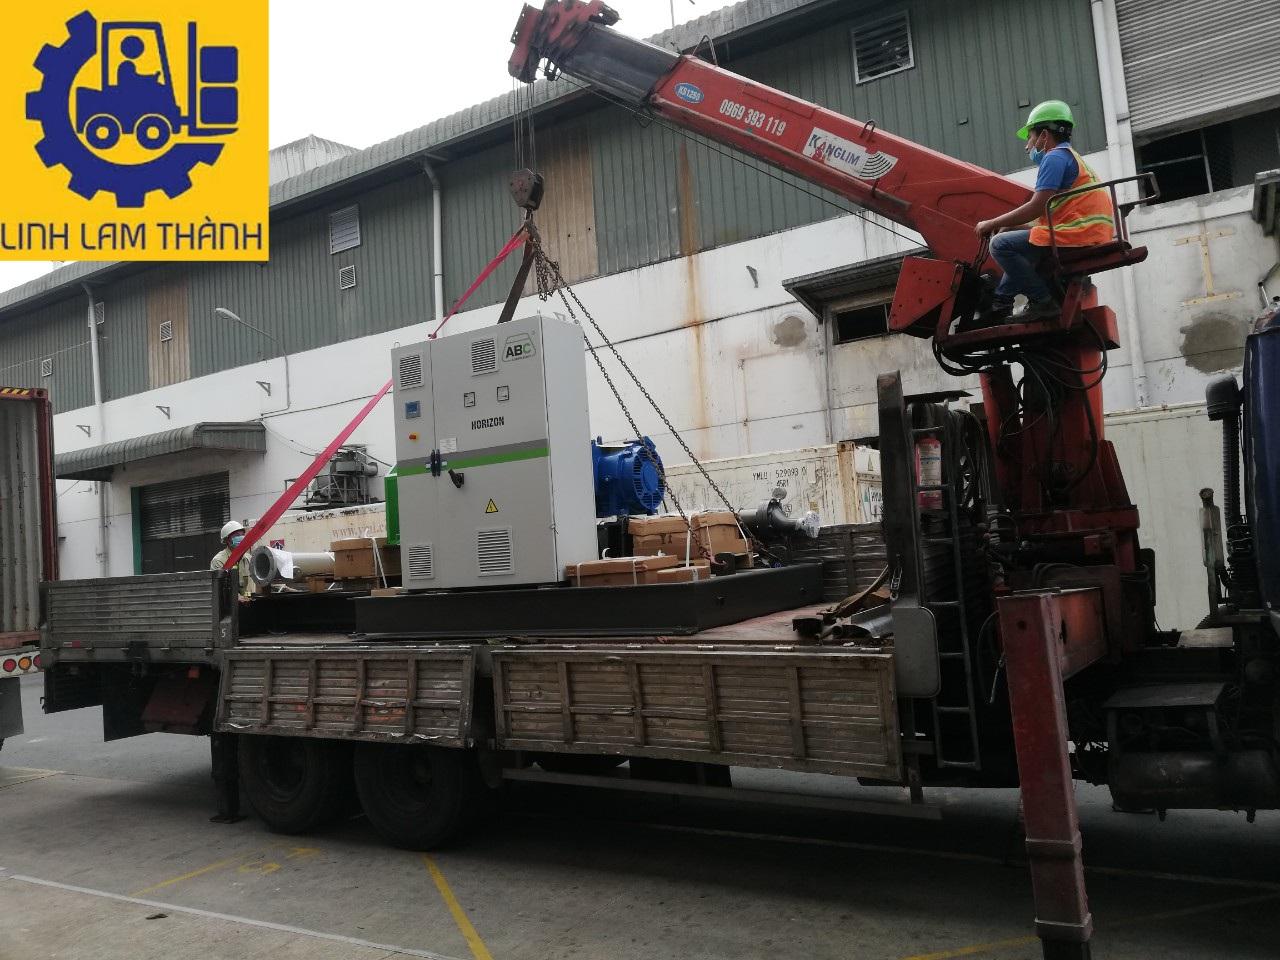 Cho Thuê Xe Cẩu Tại Bình Dương - Linh Lam Thành Transport